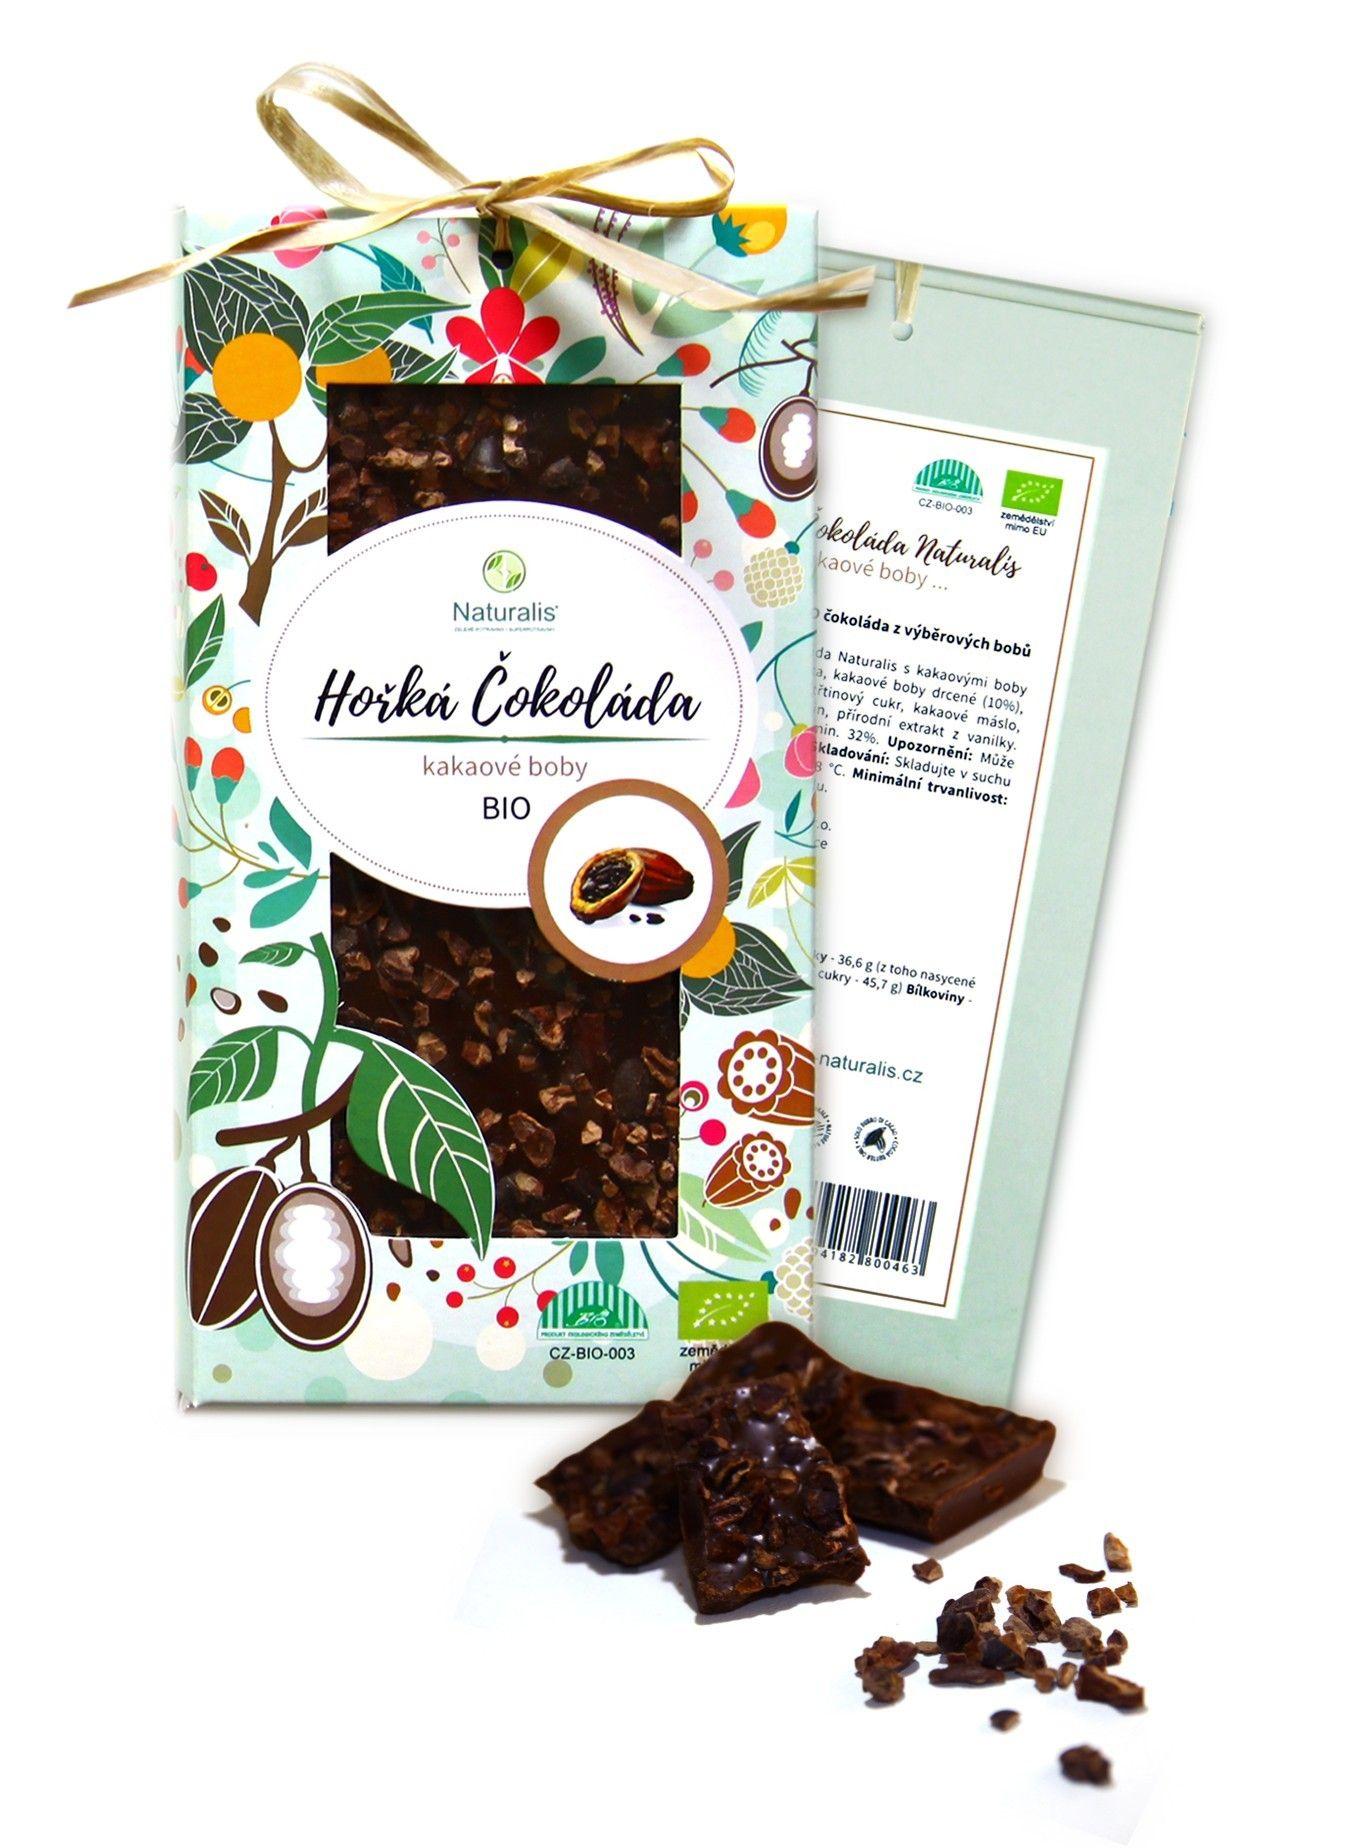 BIO Čokoláda Naturalis s kakaovými boby - 80g